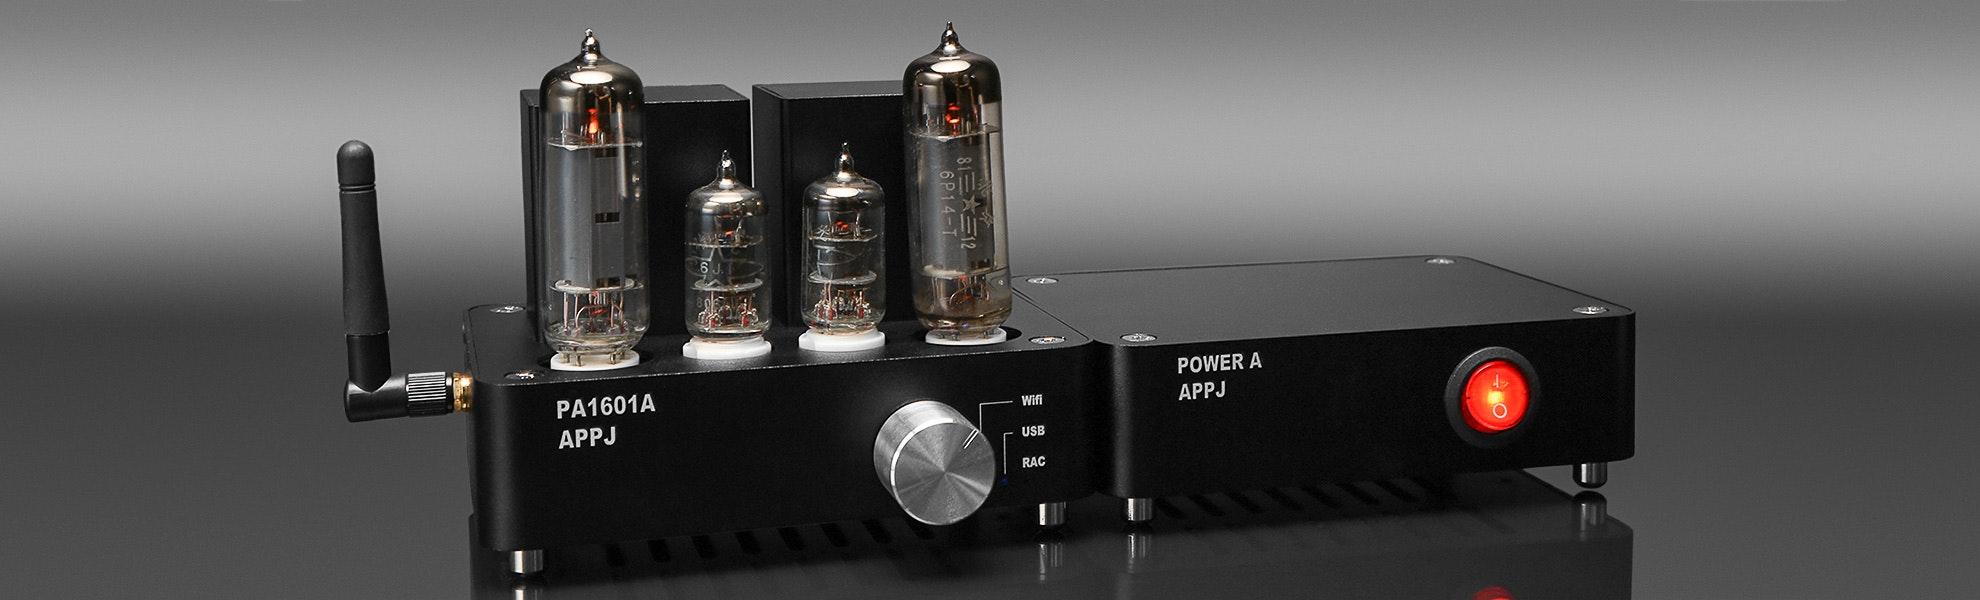 APPJ 1601A Wi-Fi Tube Amplifier